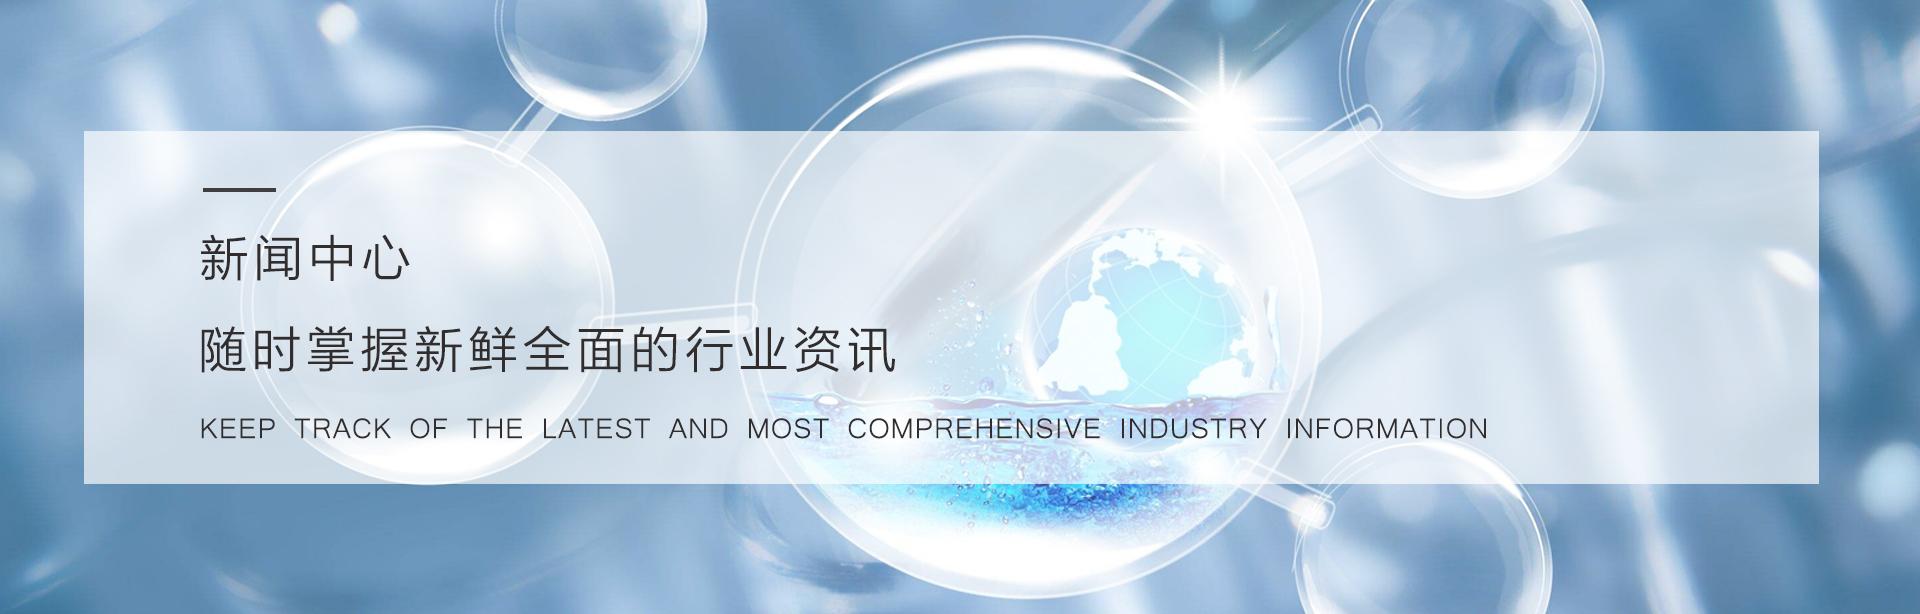 实验室信息管理系统行业资讯